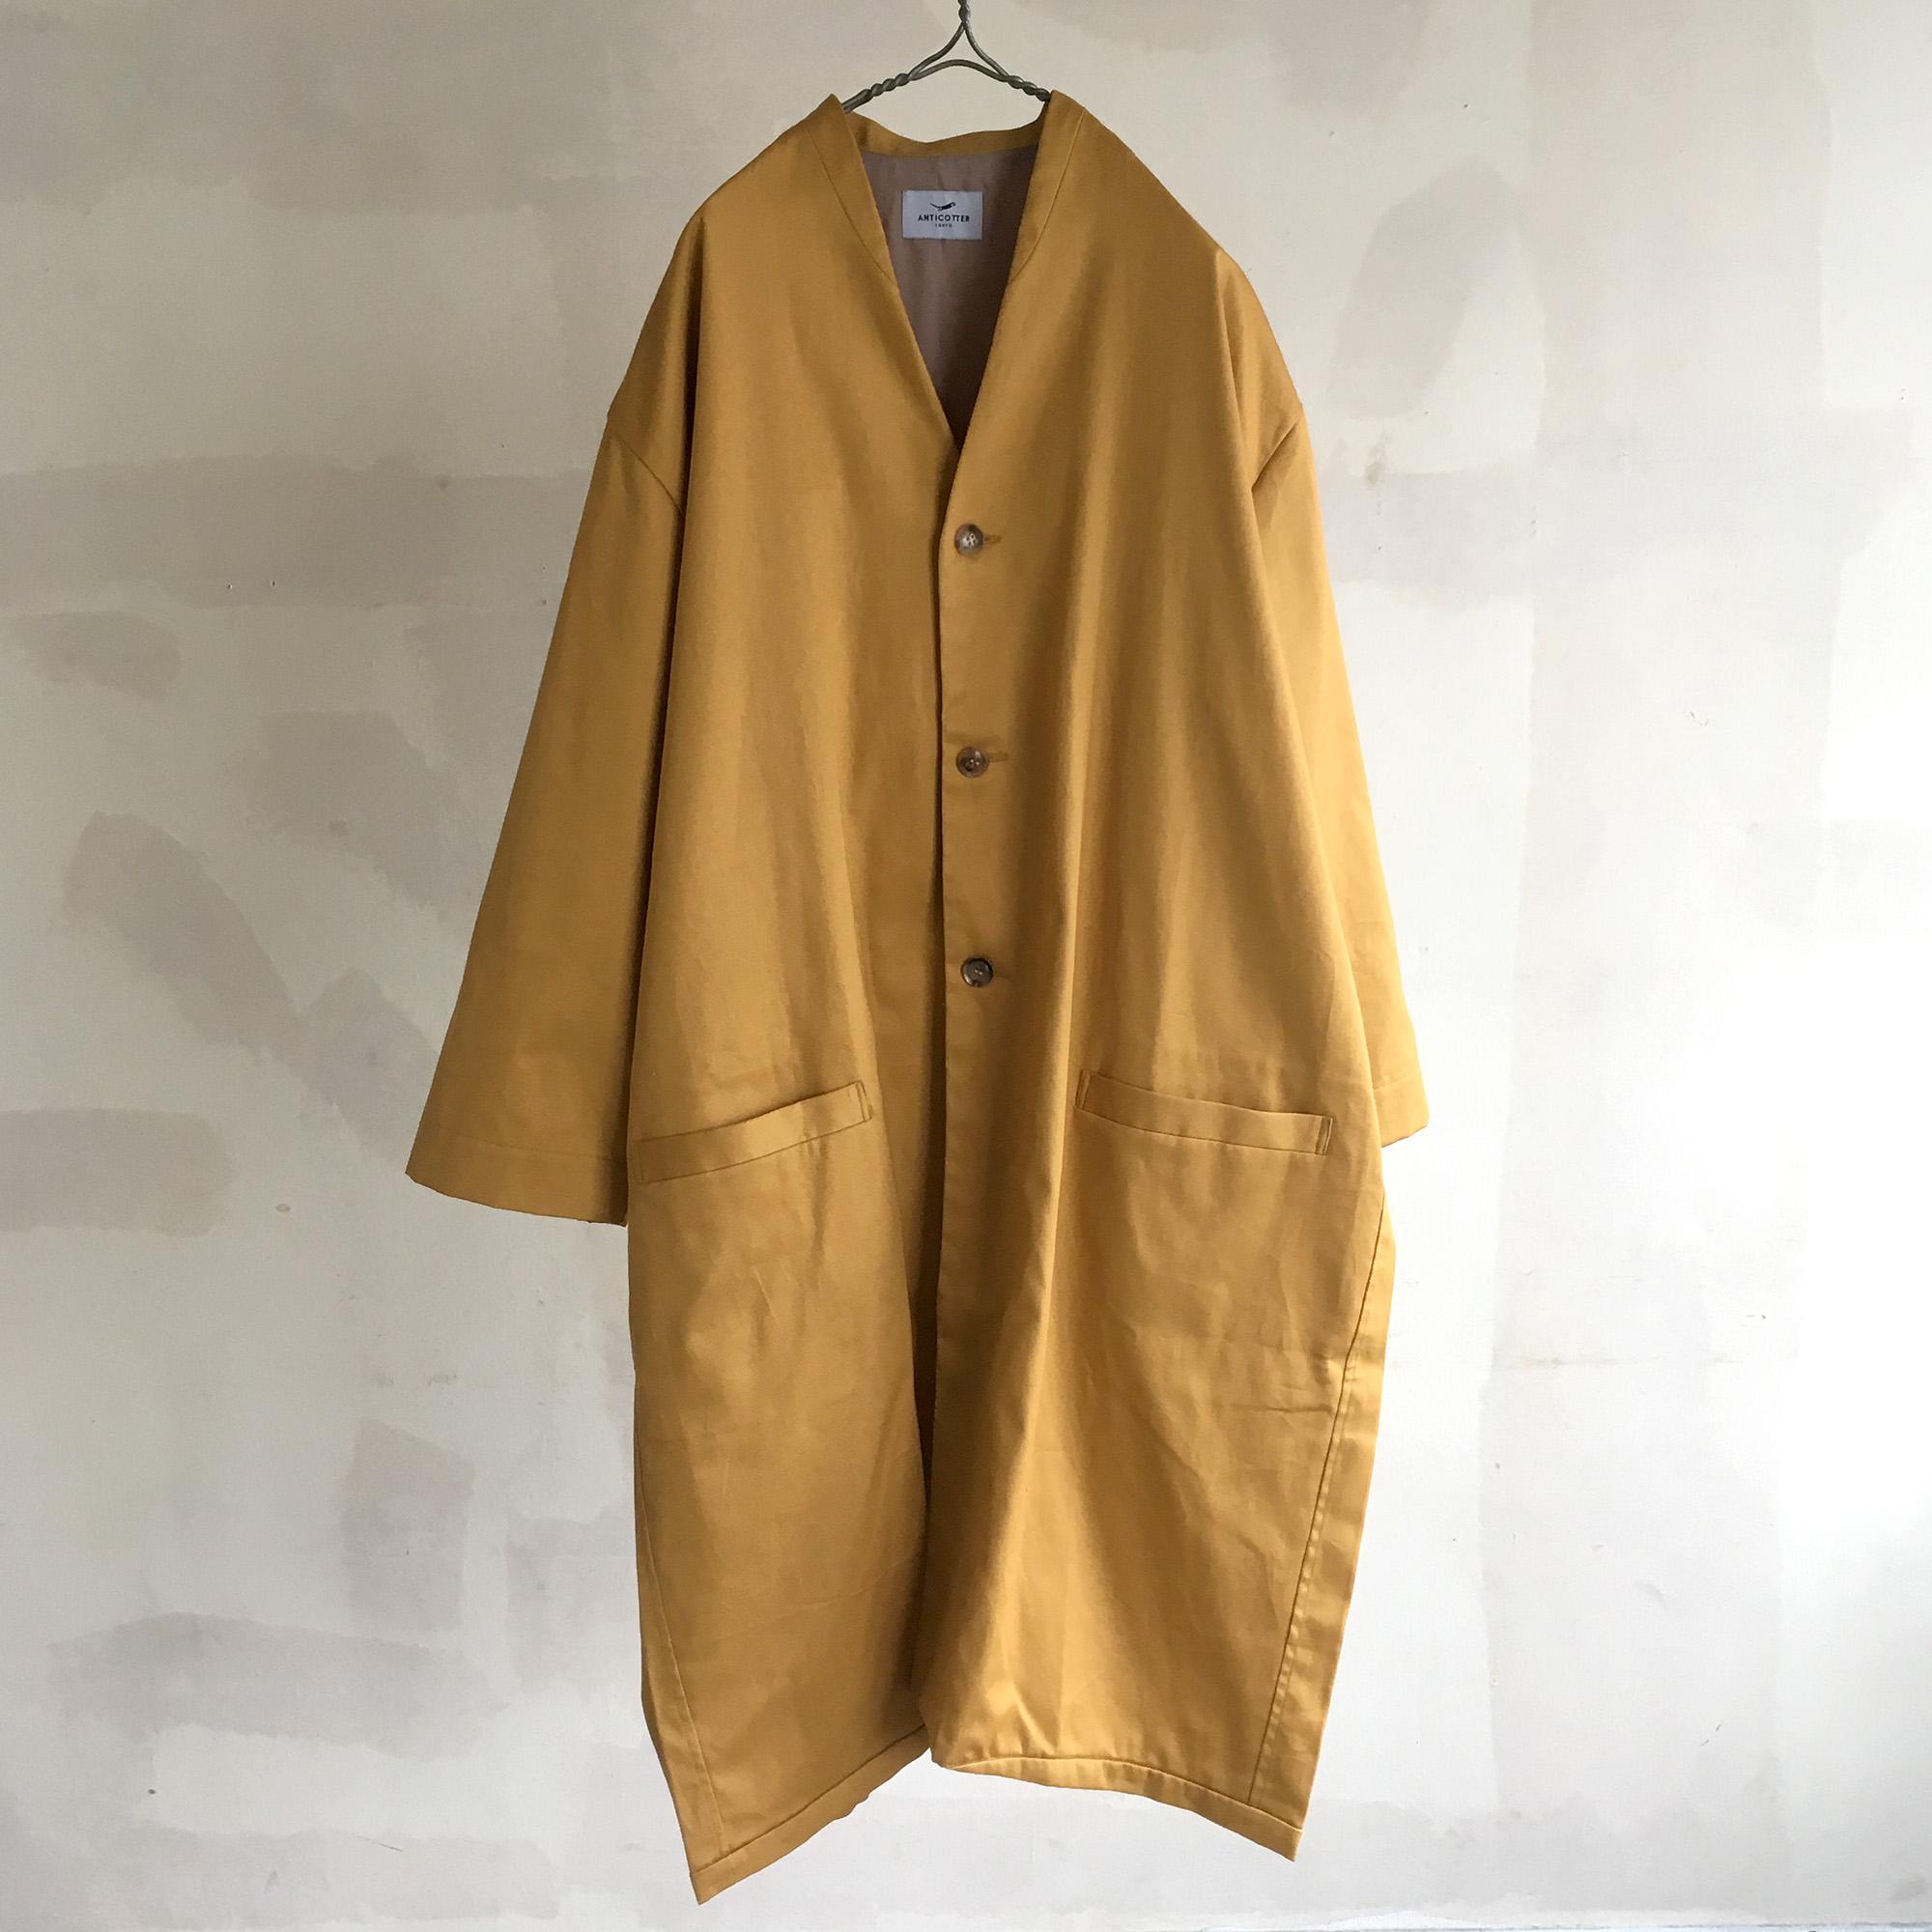 秋の羽織りに♪当ブランドで【人気】間の季節の定番になっているバレルコートです。